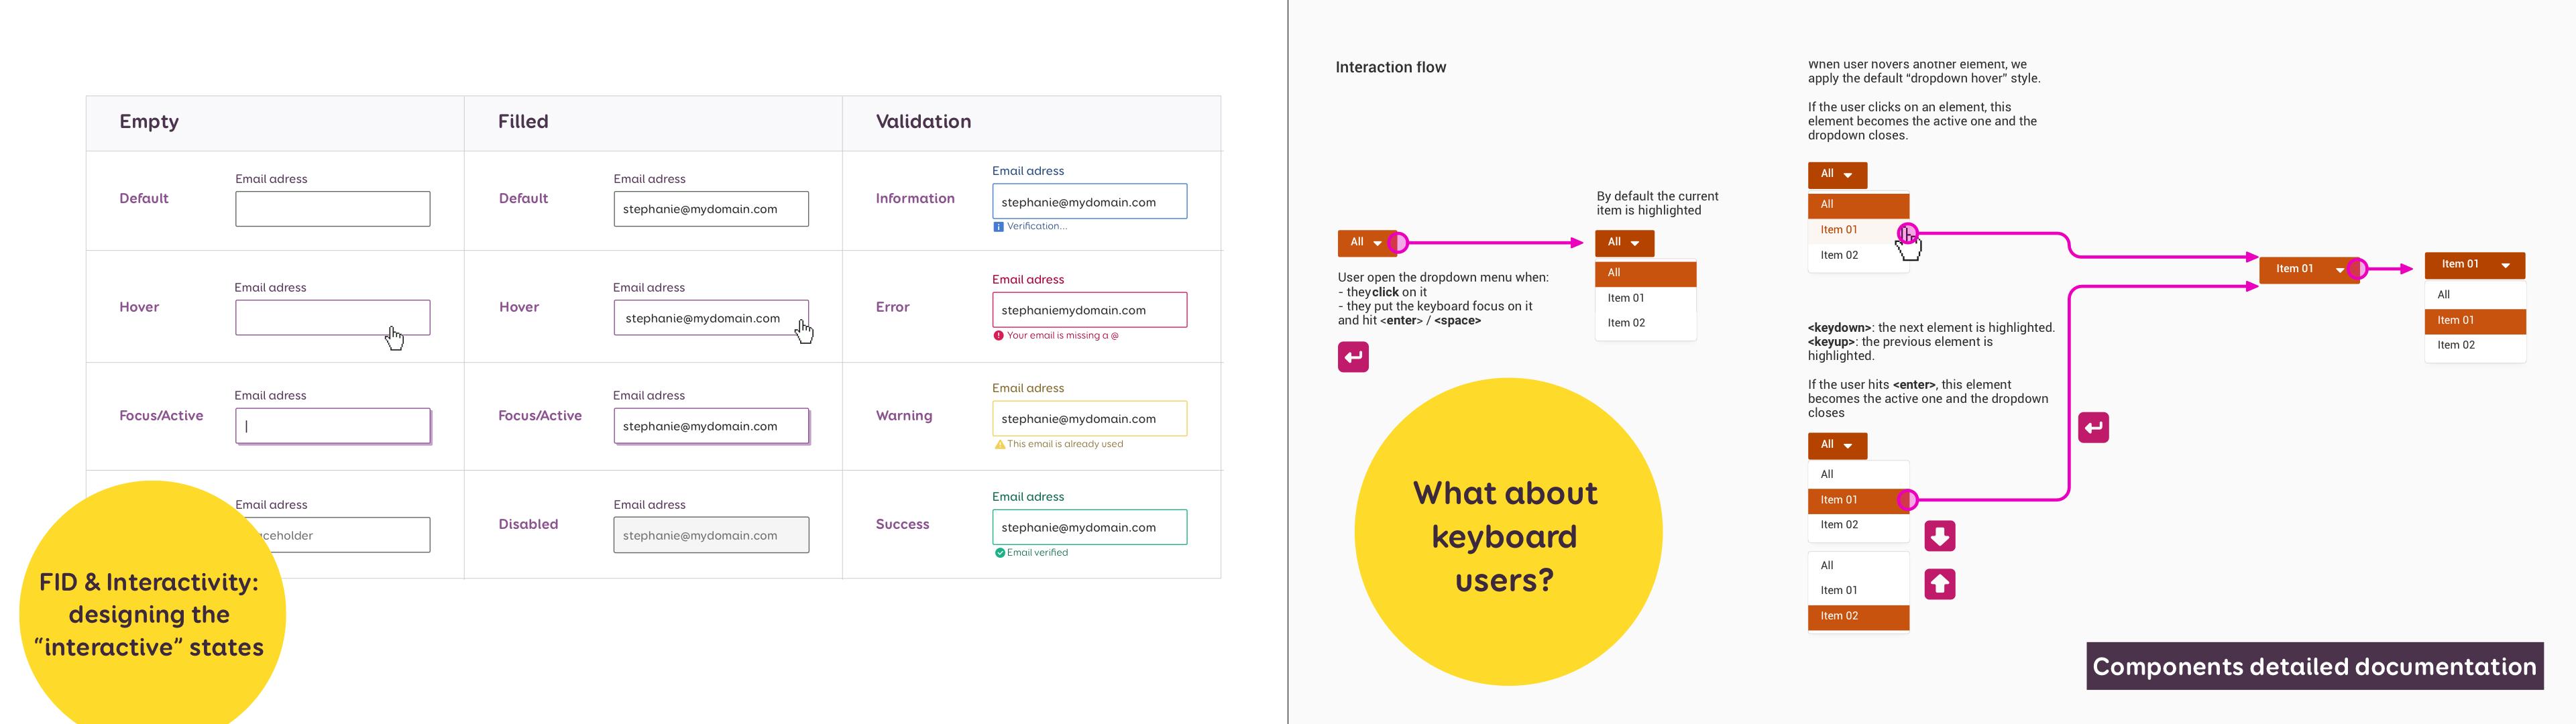 Examples d'interactions au clique et de documentation d'interactions au clique et au clavier